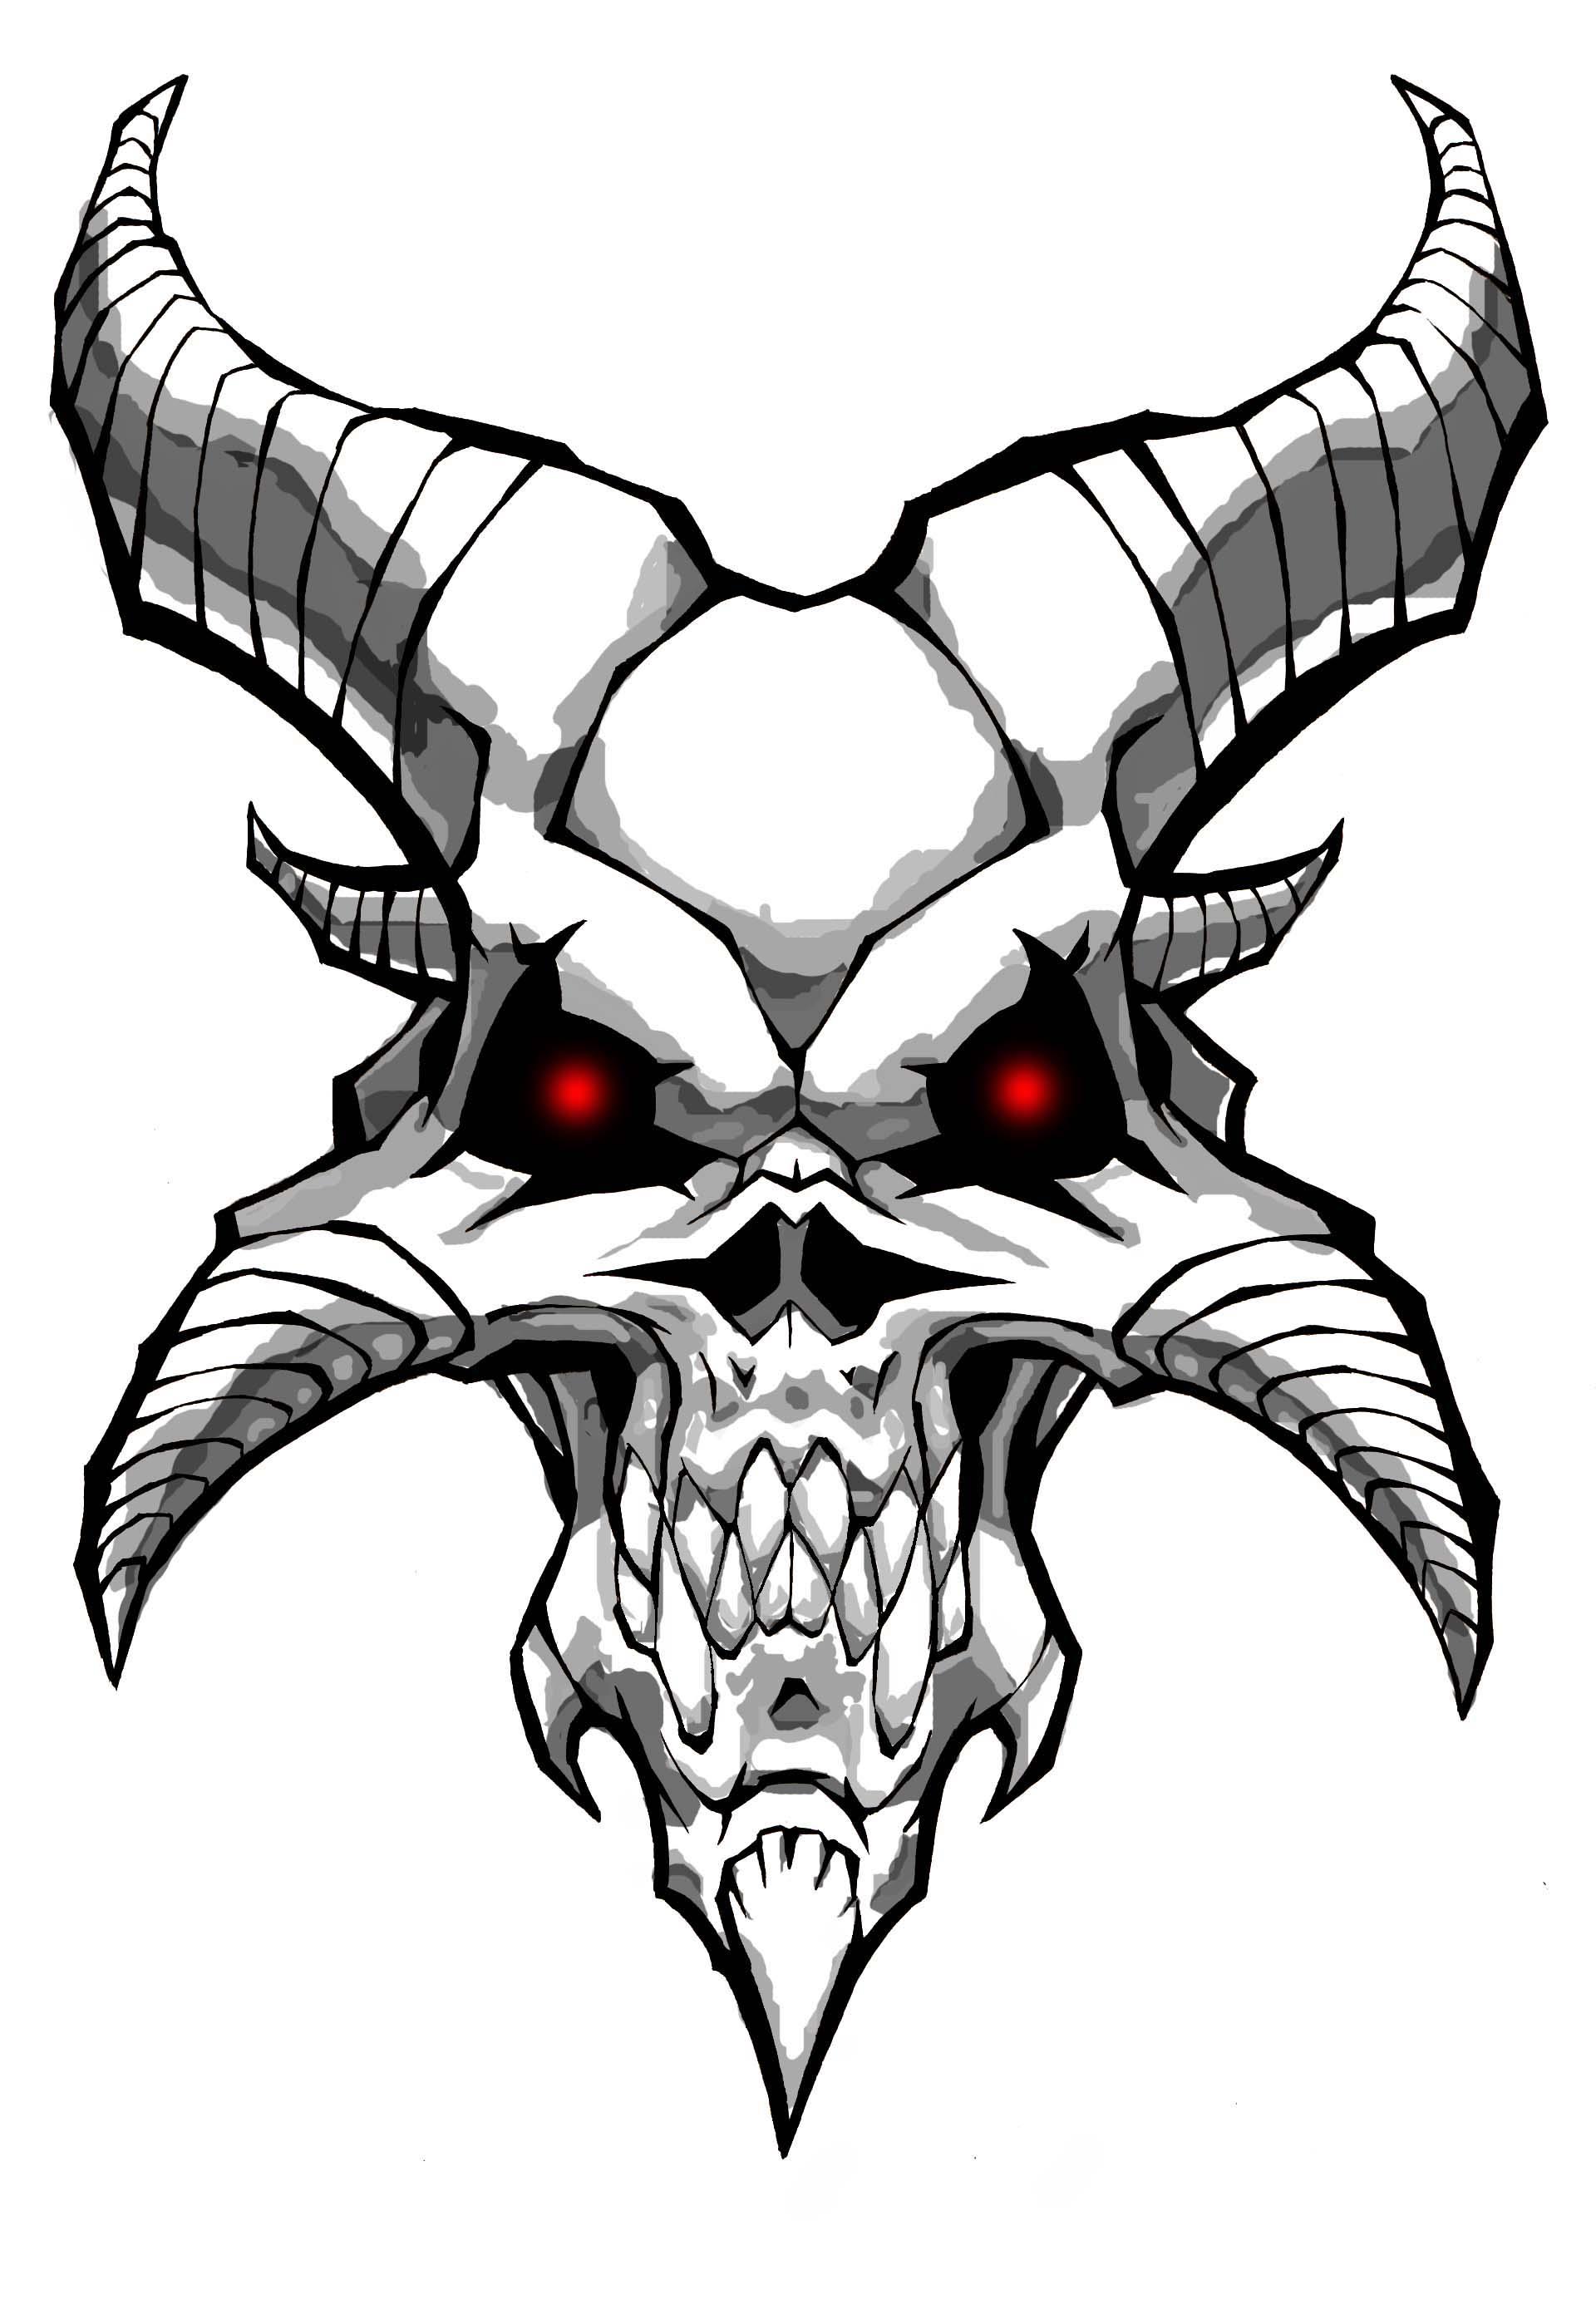 Dragon skull clipart clip black and white Dragon Skull Drawings - Clipart library - Clip Art Library clip black and white